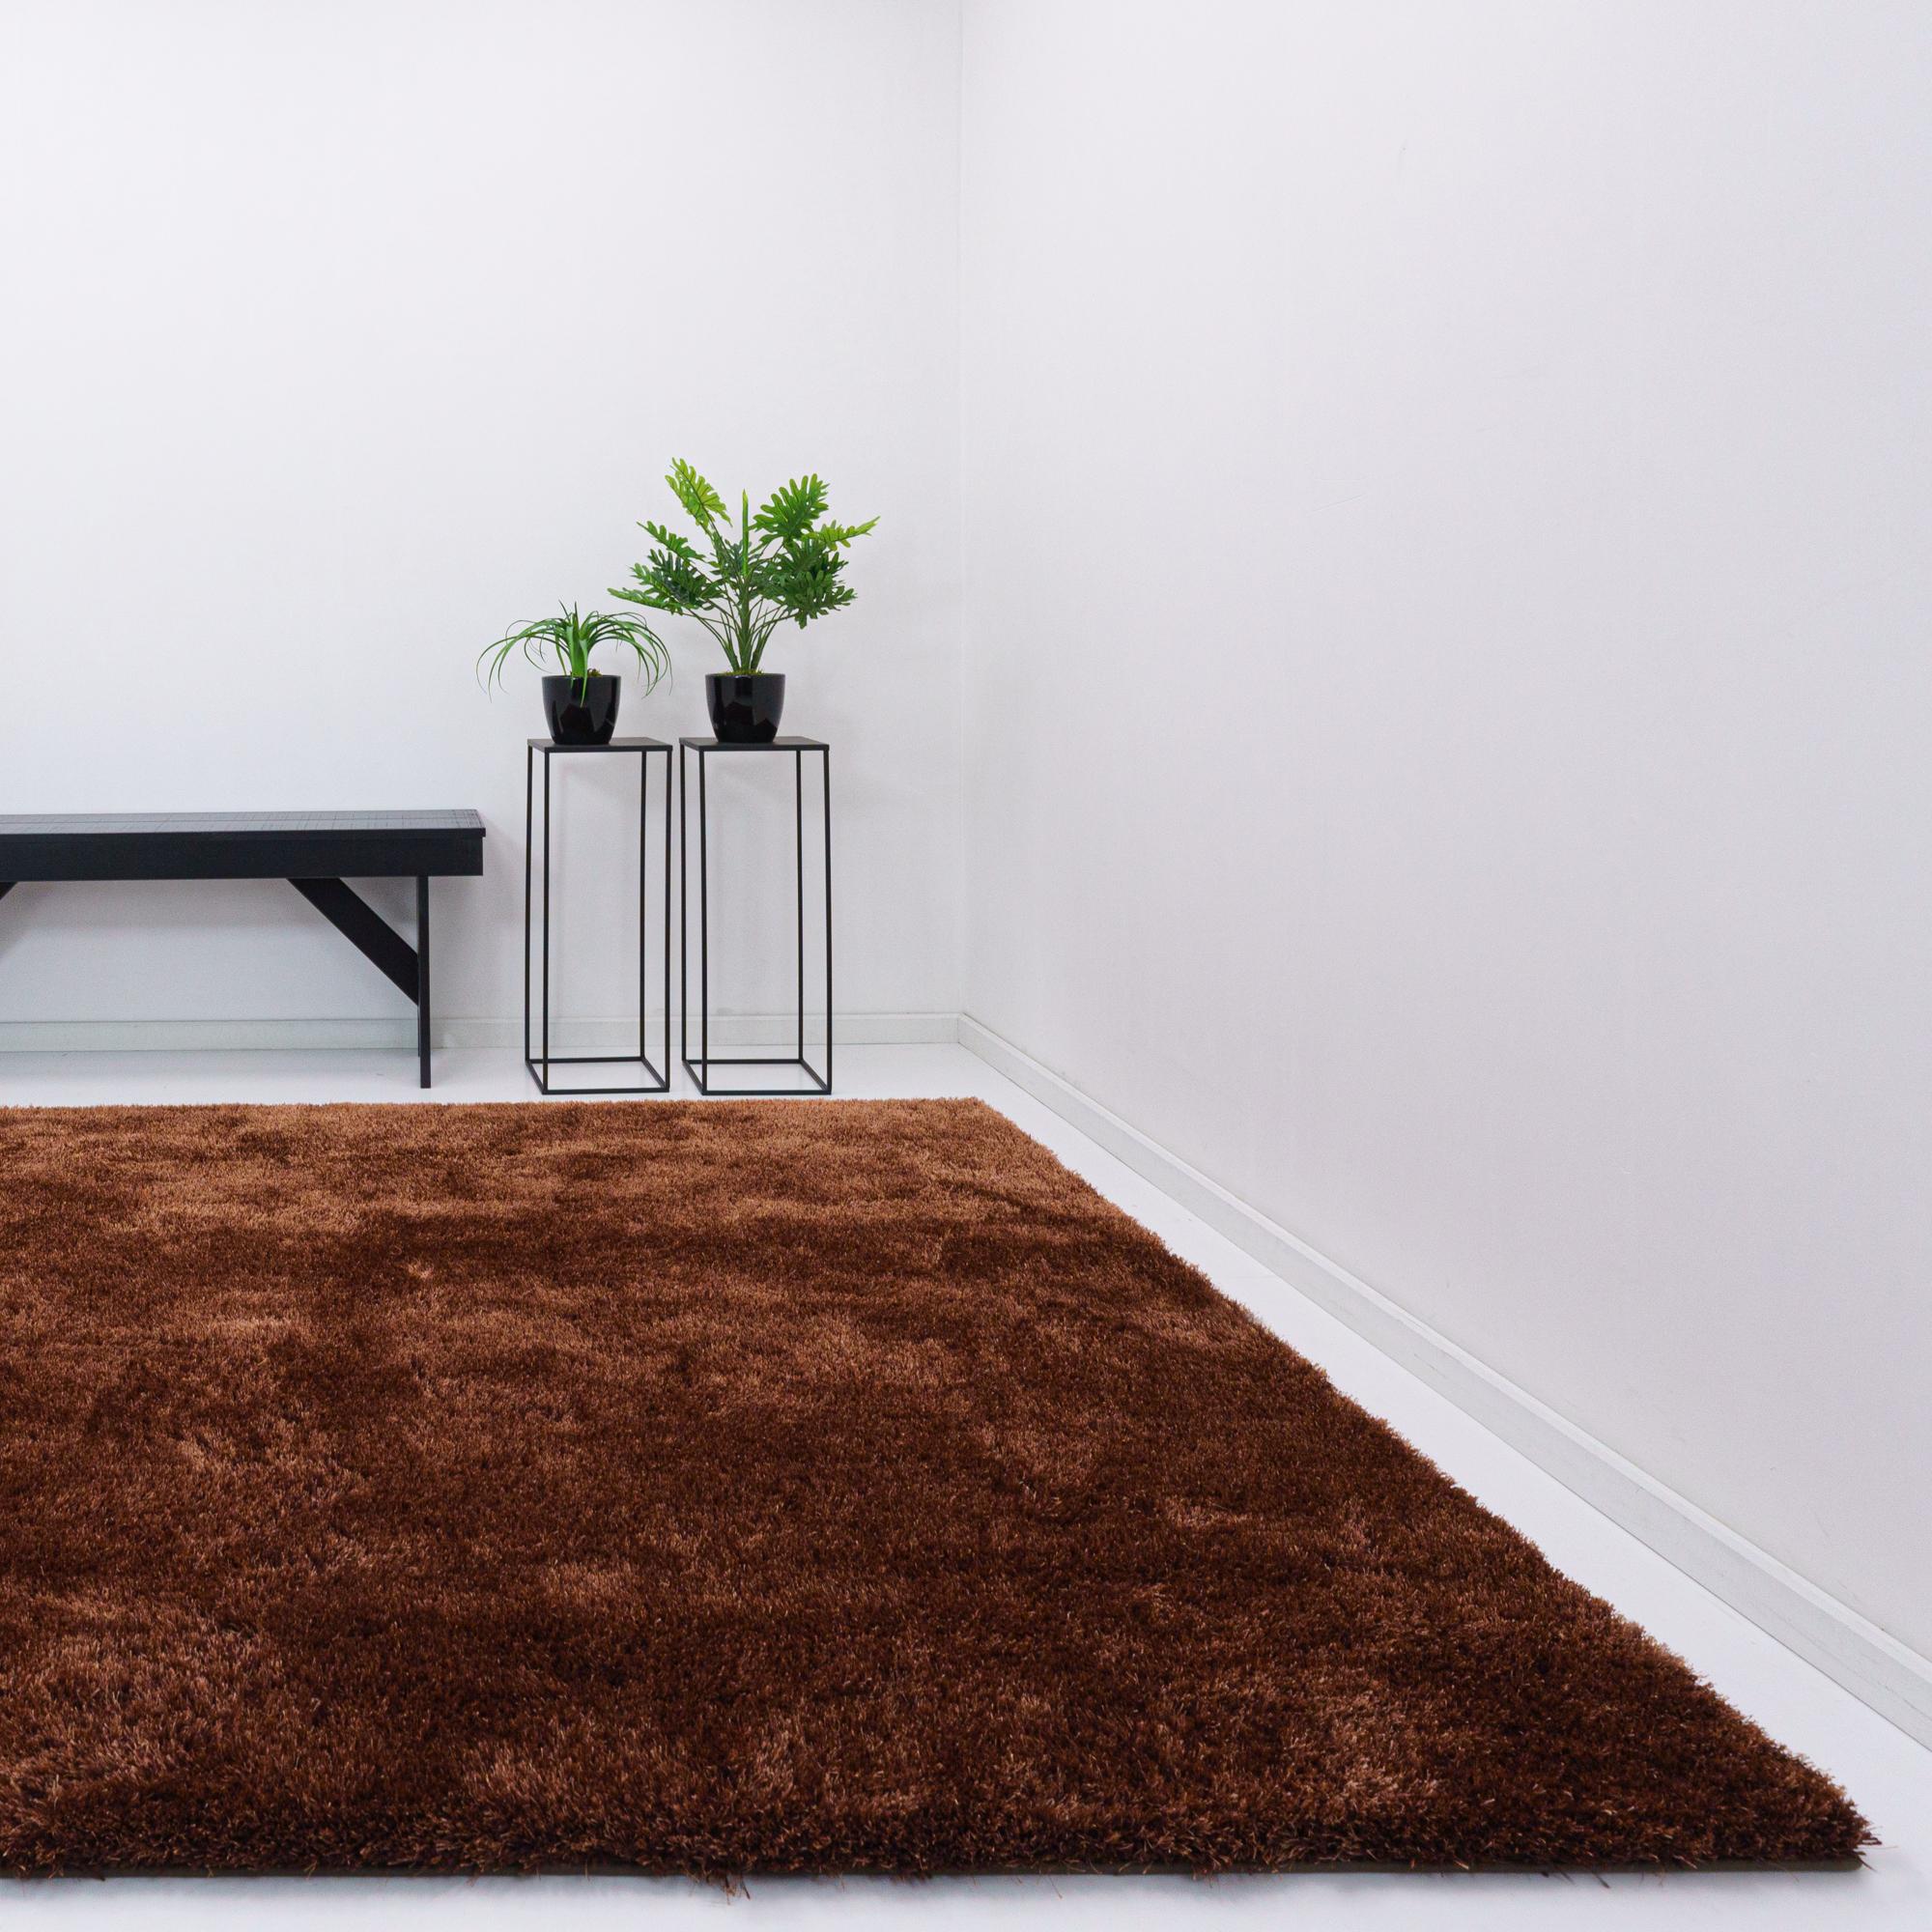 Vloerkleed Xilento Twinkle Cooper | 200 x 300 cm